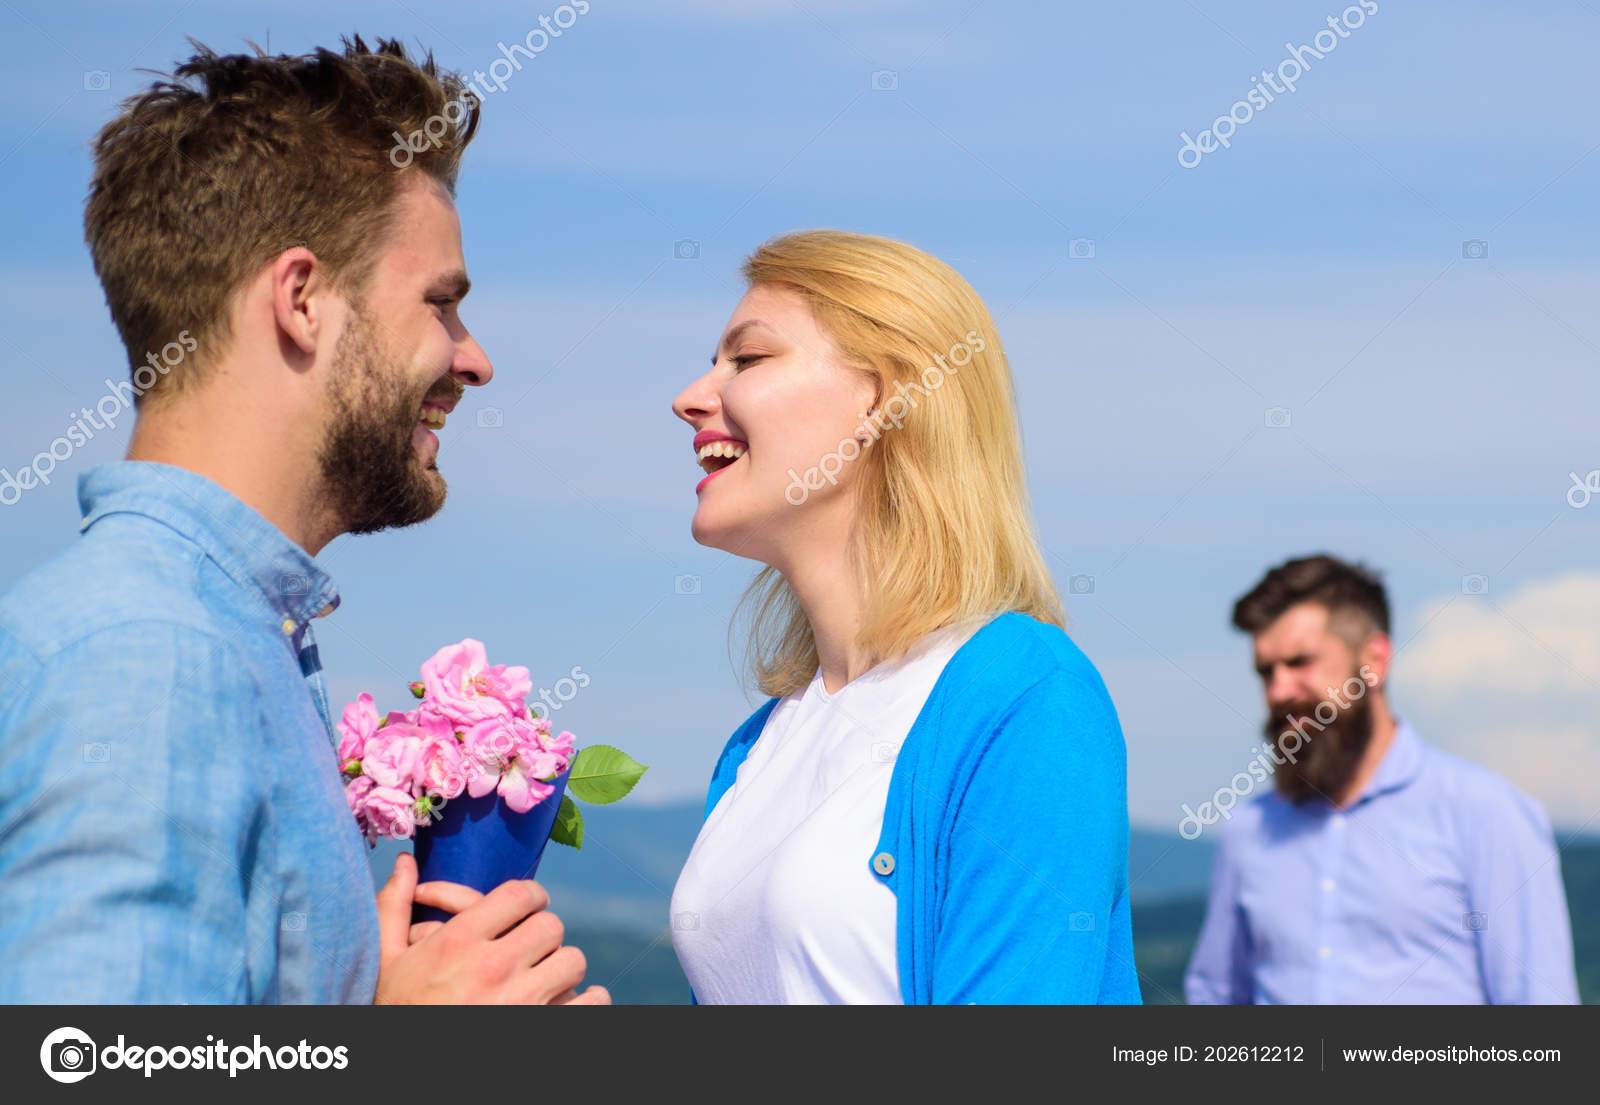 randí se 14letým chlapcem